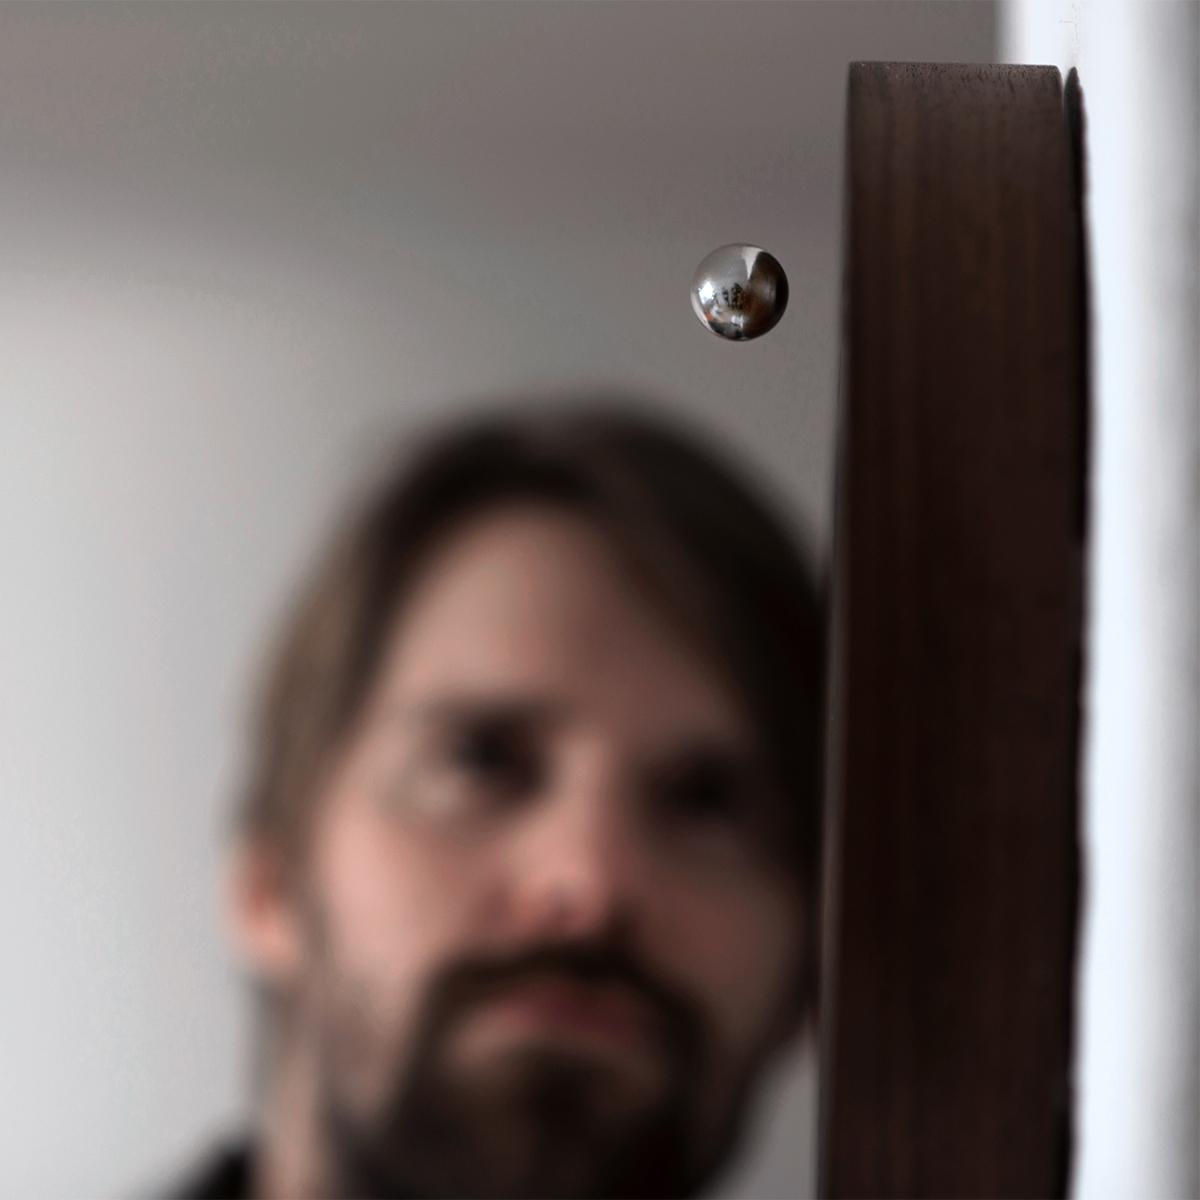 重力に逆らって、クルクルと回転しながら木製ベースの上を周遊するクロム球。あなたの物語を軌道に旅をする時計|Flyte STORY